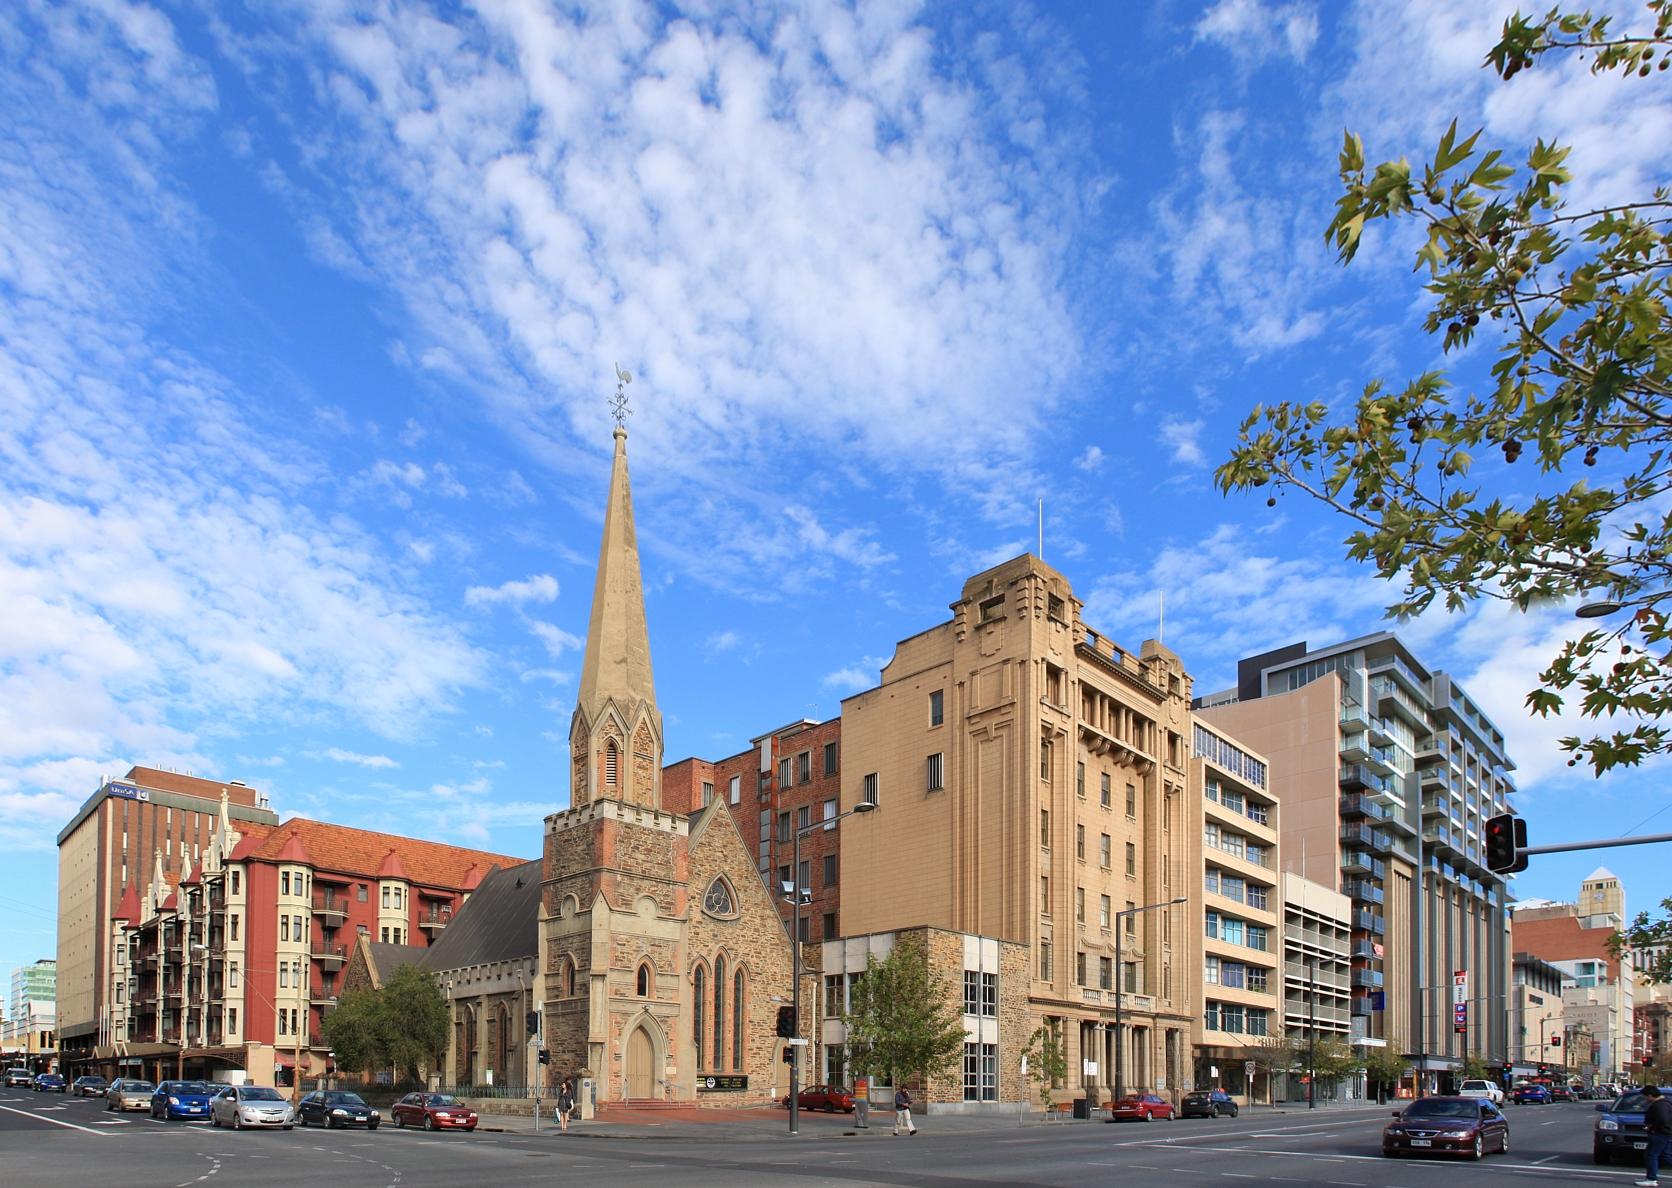 Adelaide Hakkında Bilinmesi Gerekenler